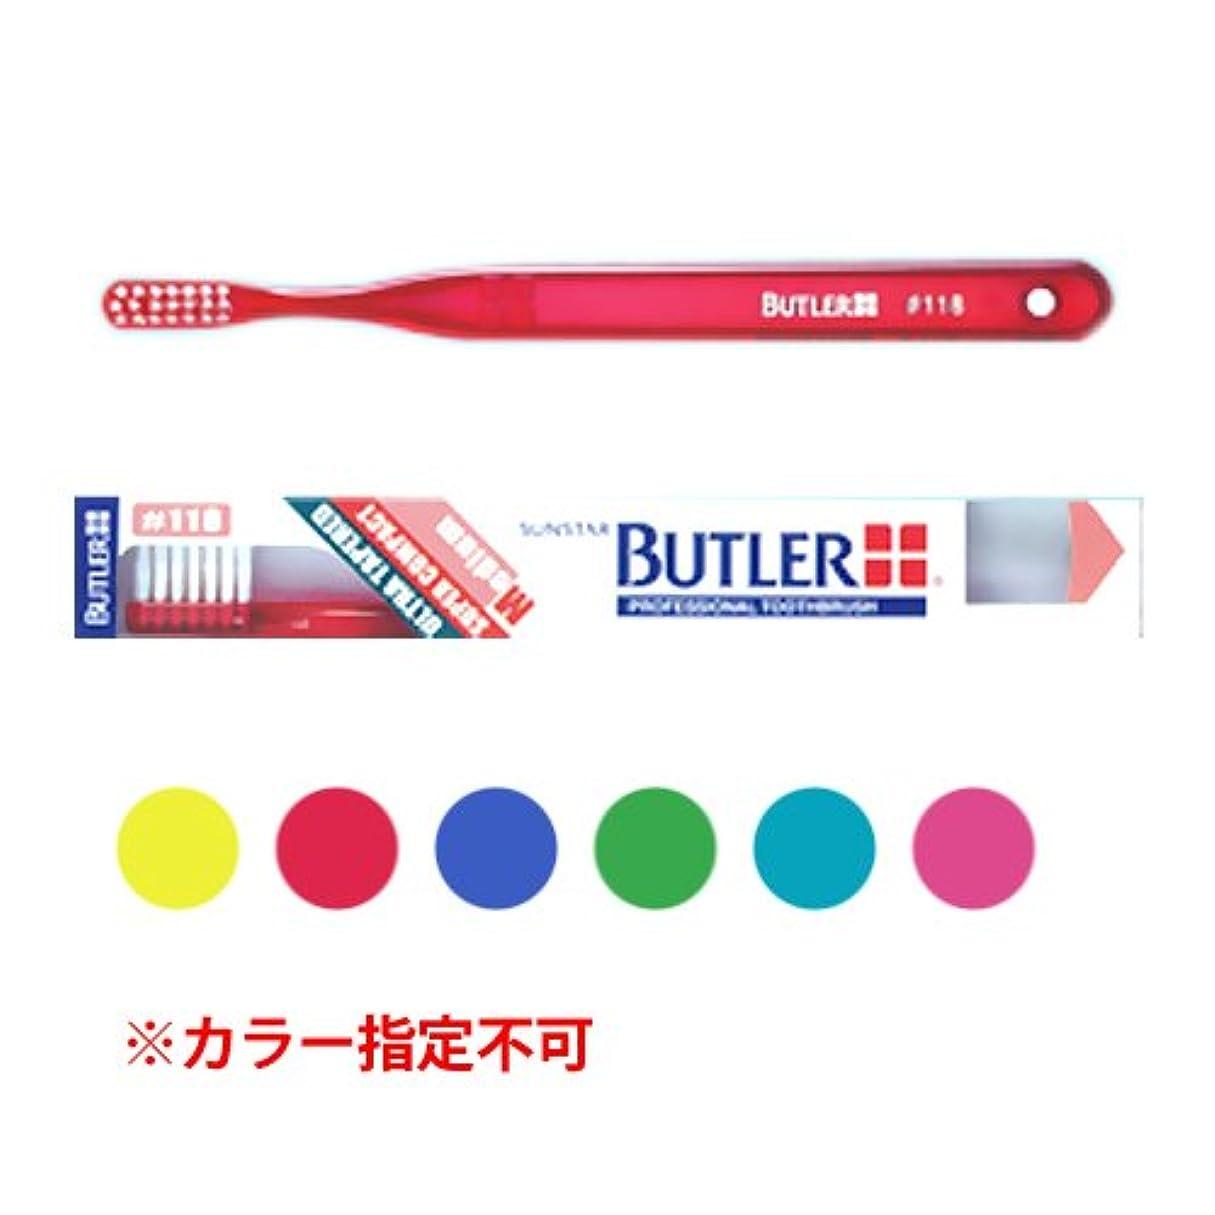 バトラー 歯ブラシ 1本 #118